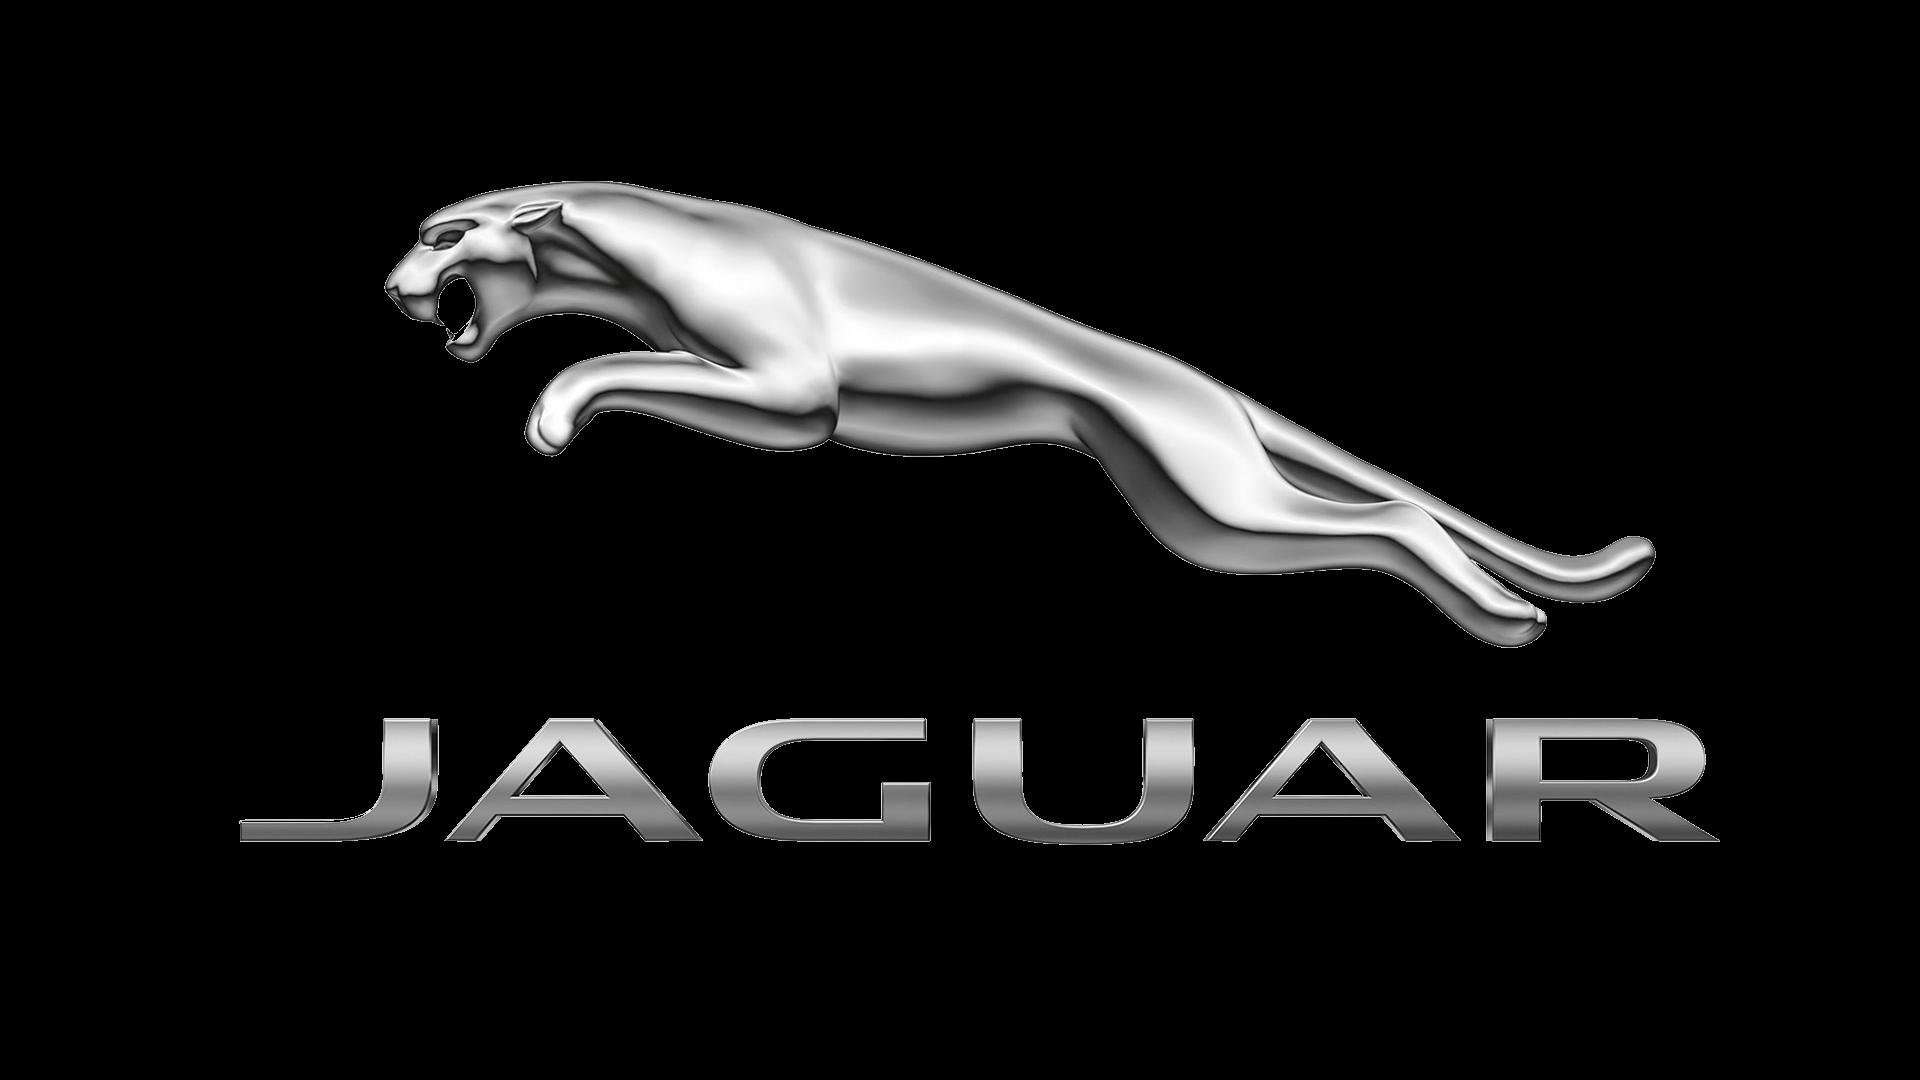 Car Logo Jaguar transparent PNG.